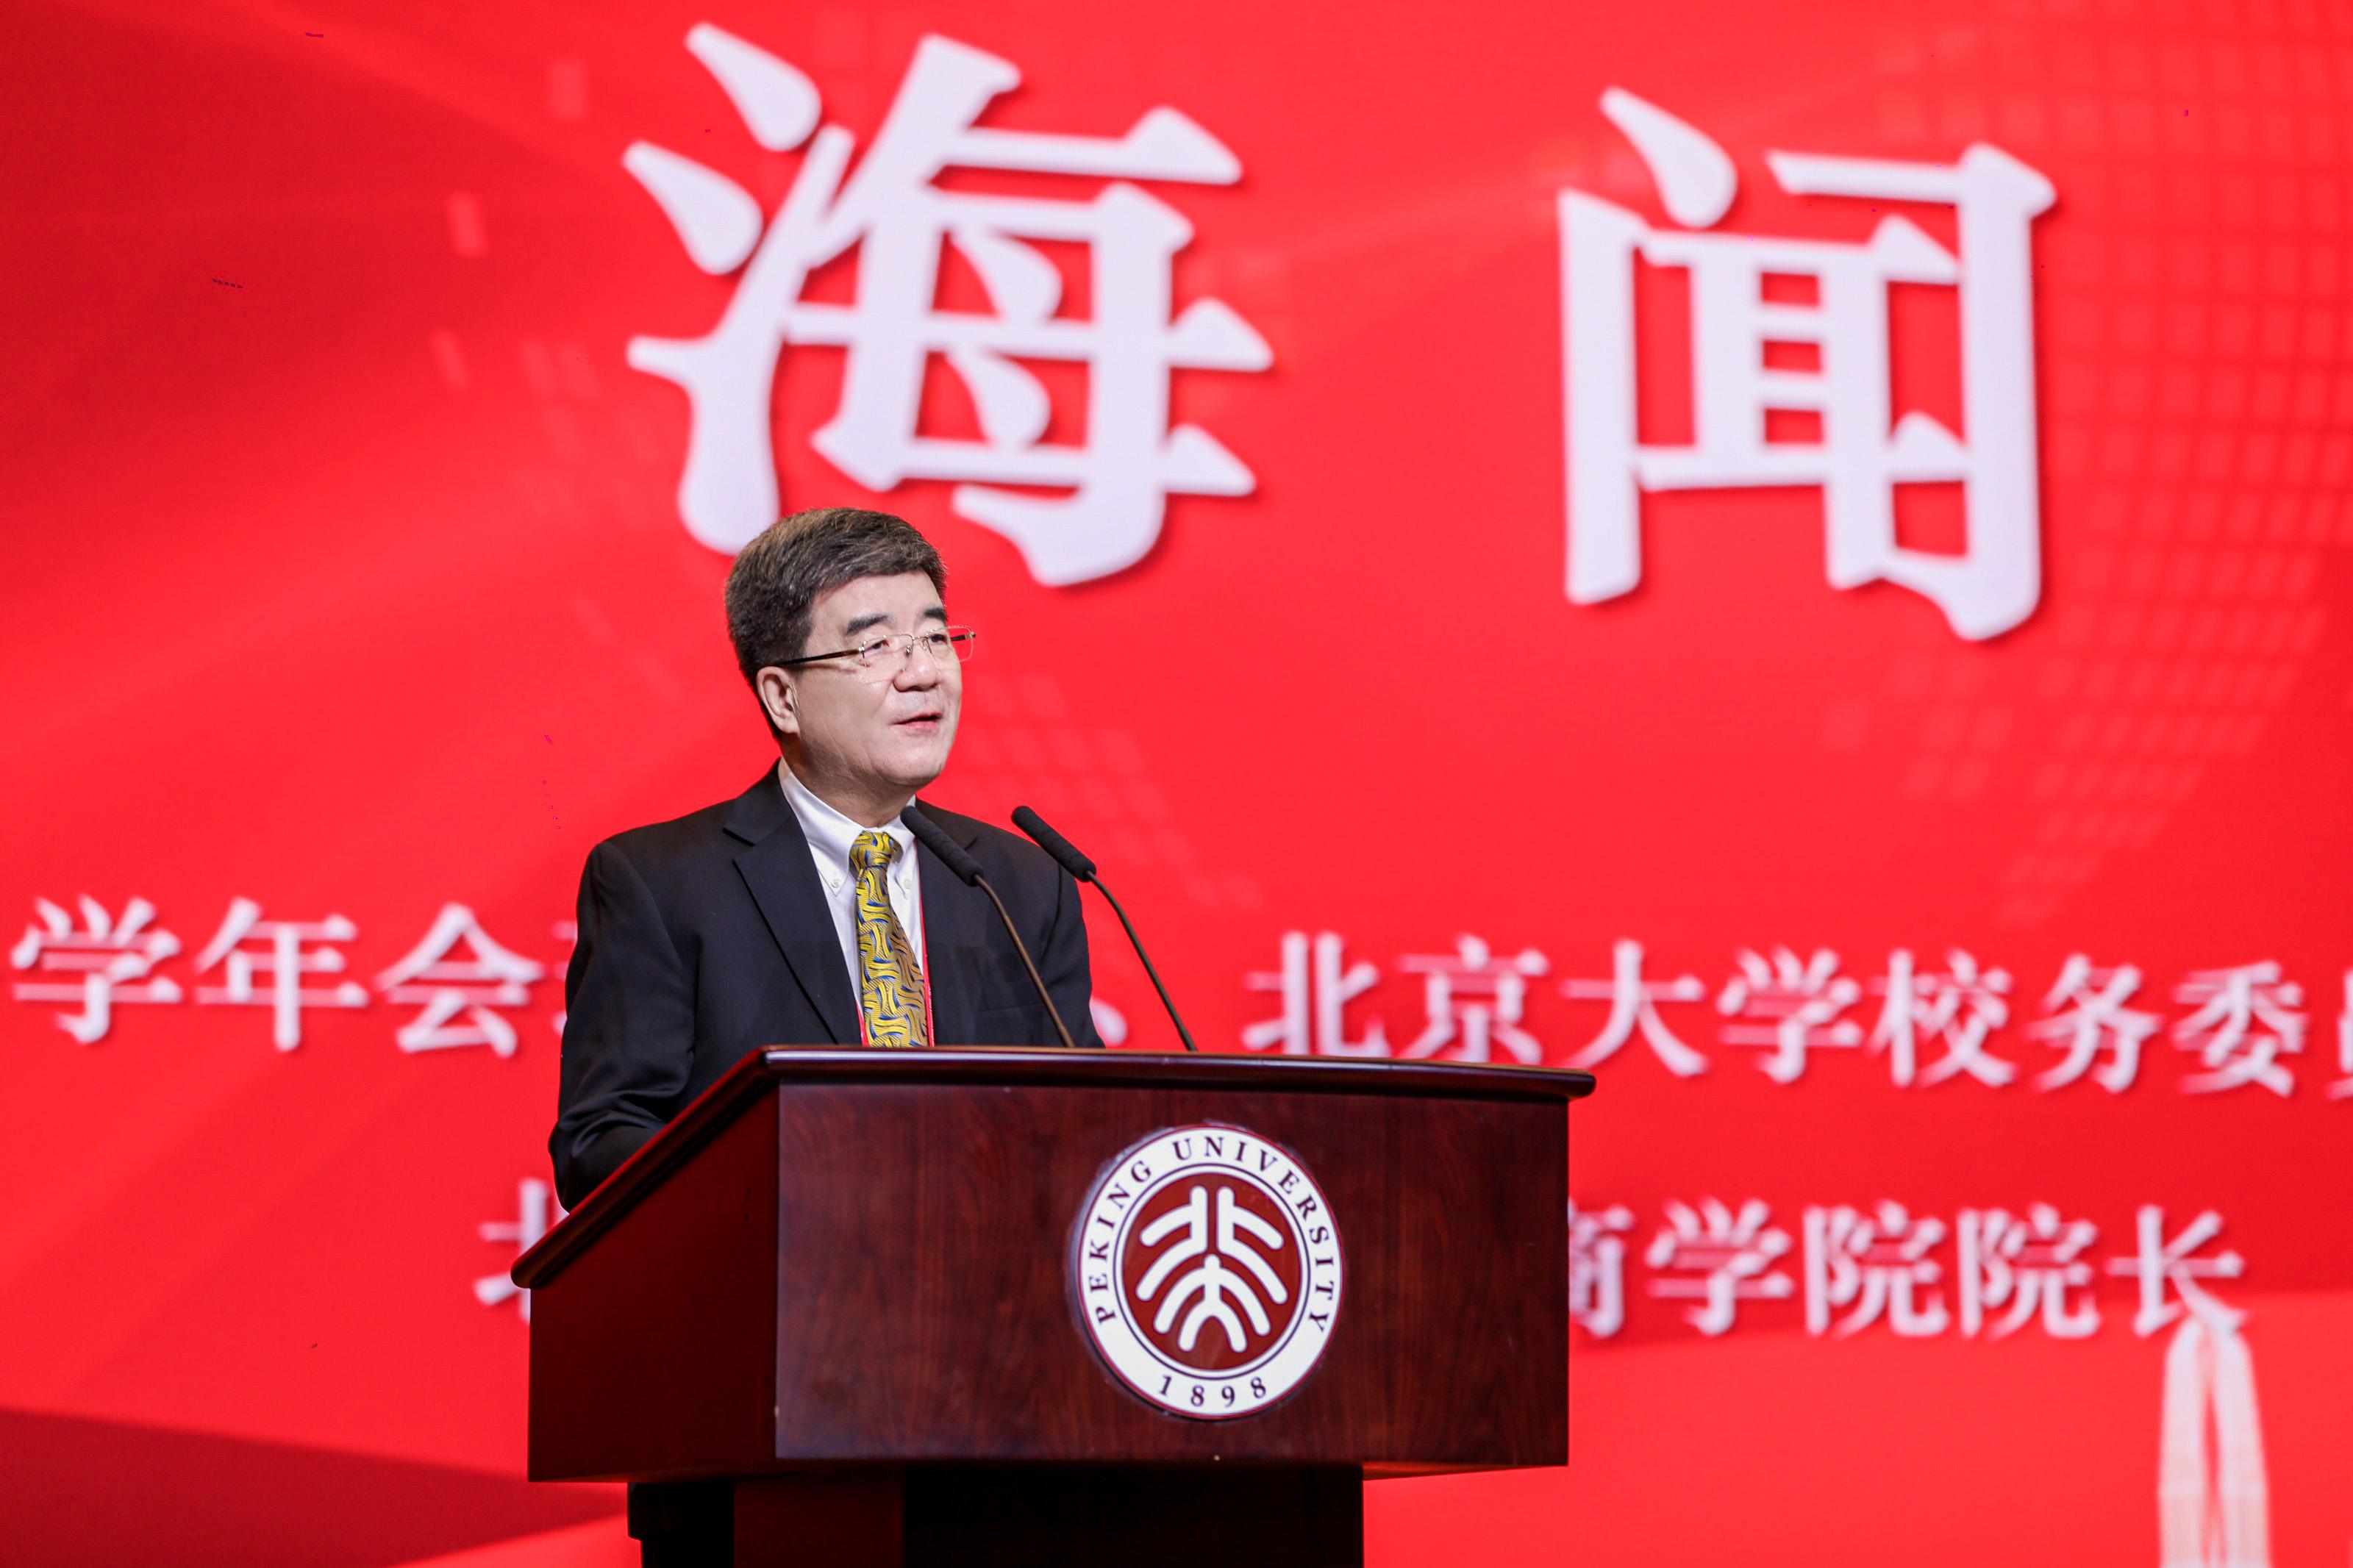 海闻理事长在第二十届中国经济学年会开幕式上的致辞